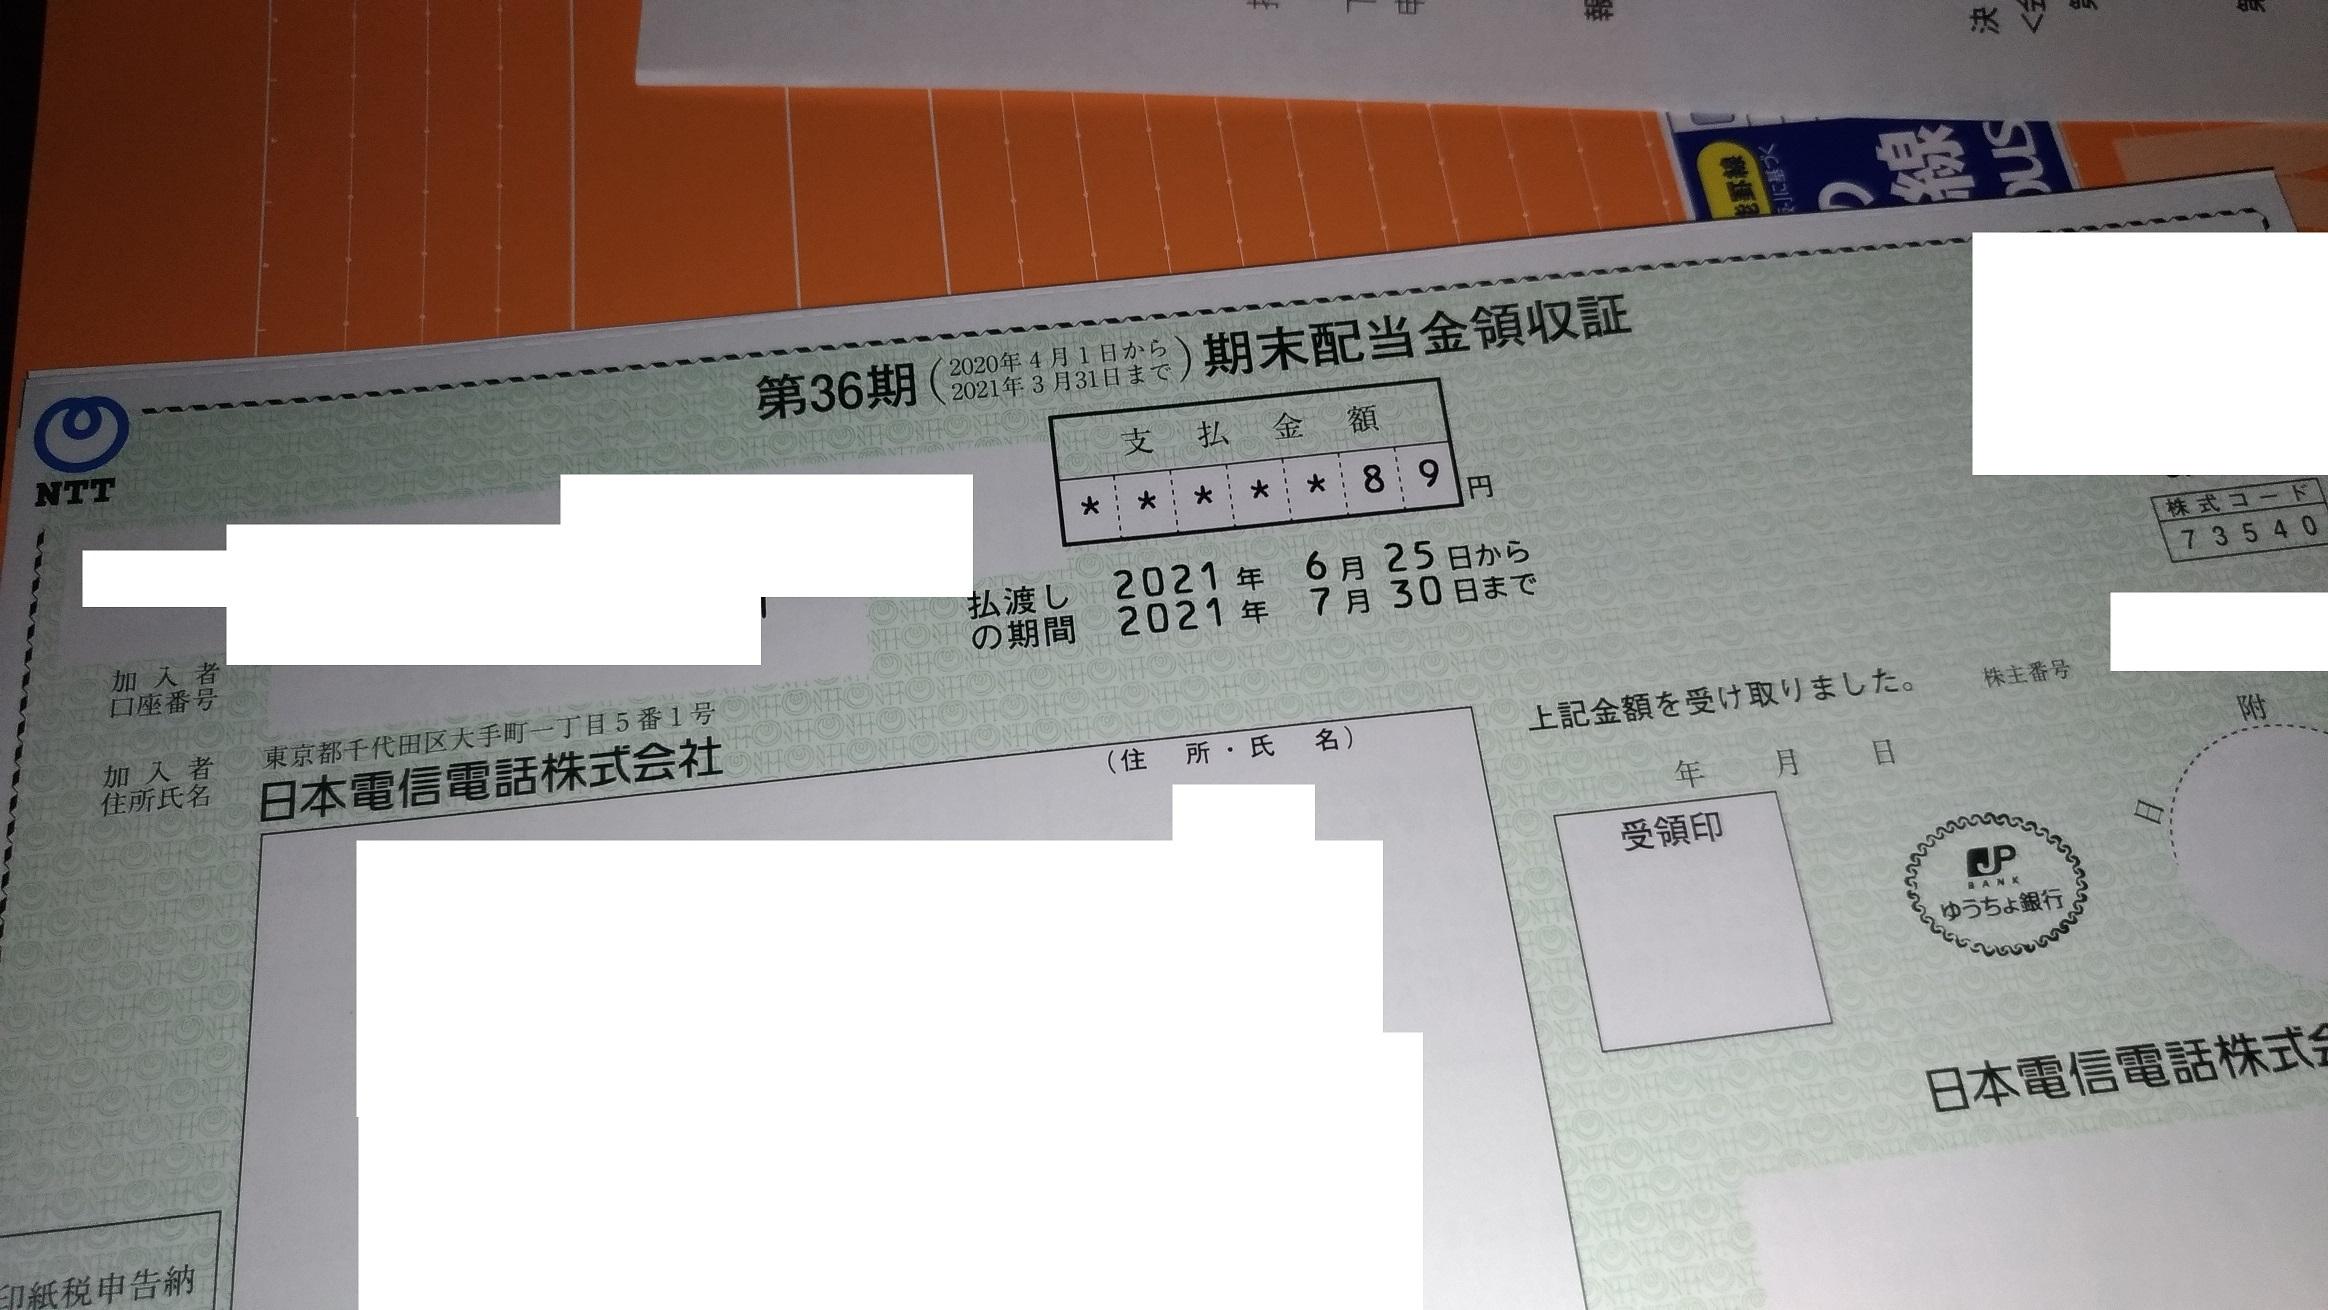 ntt_haito_kabu_0626.jpg